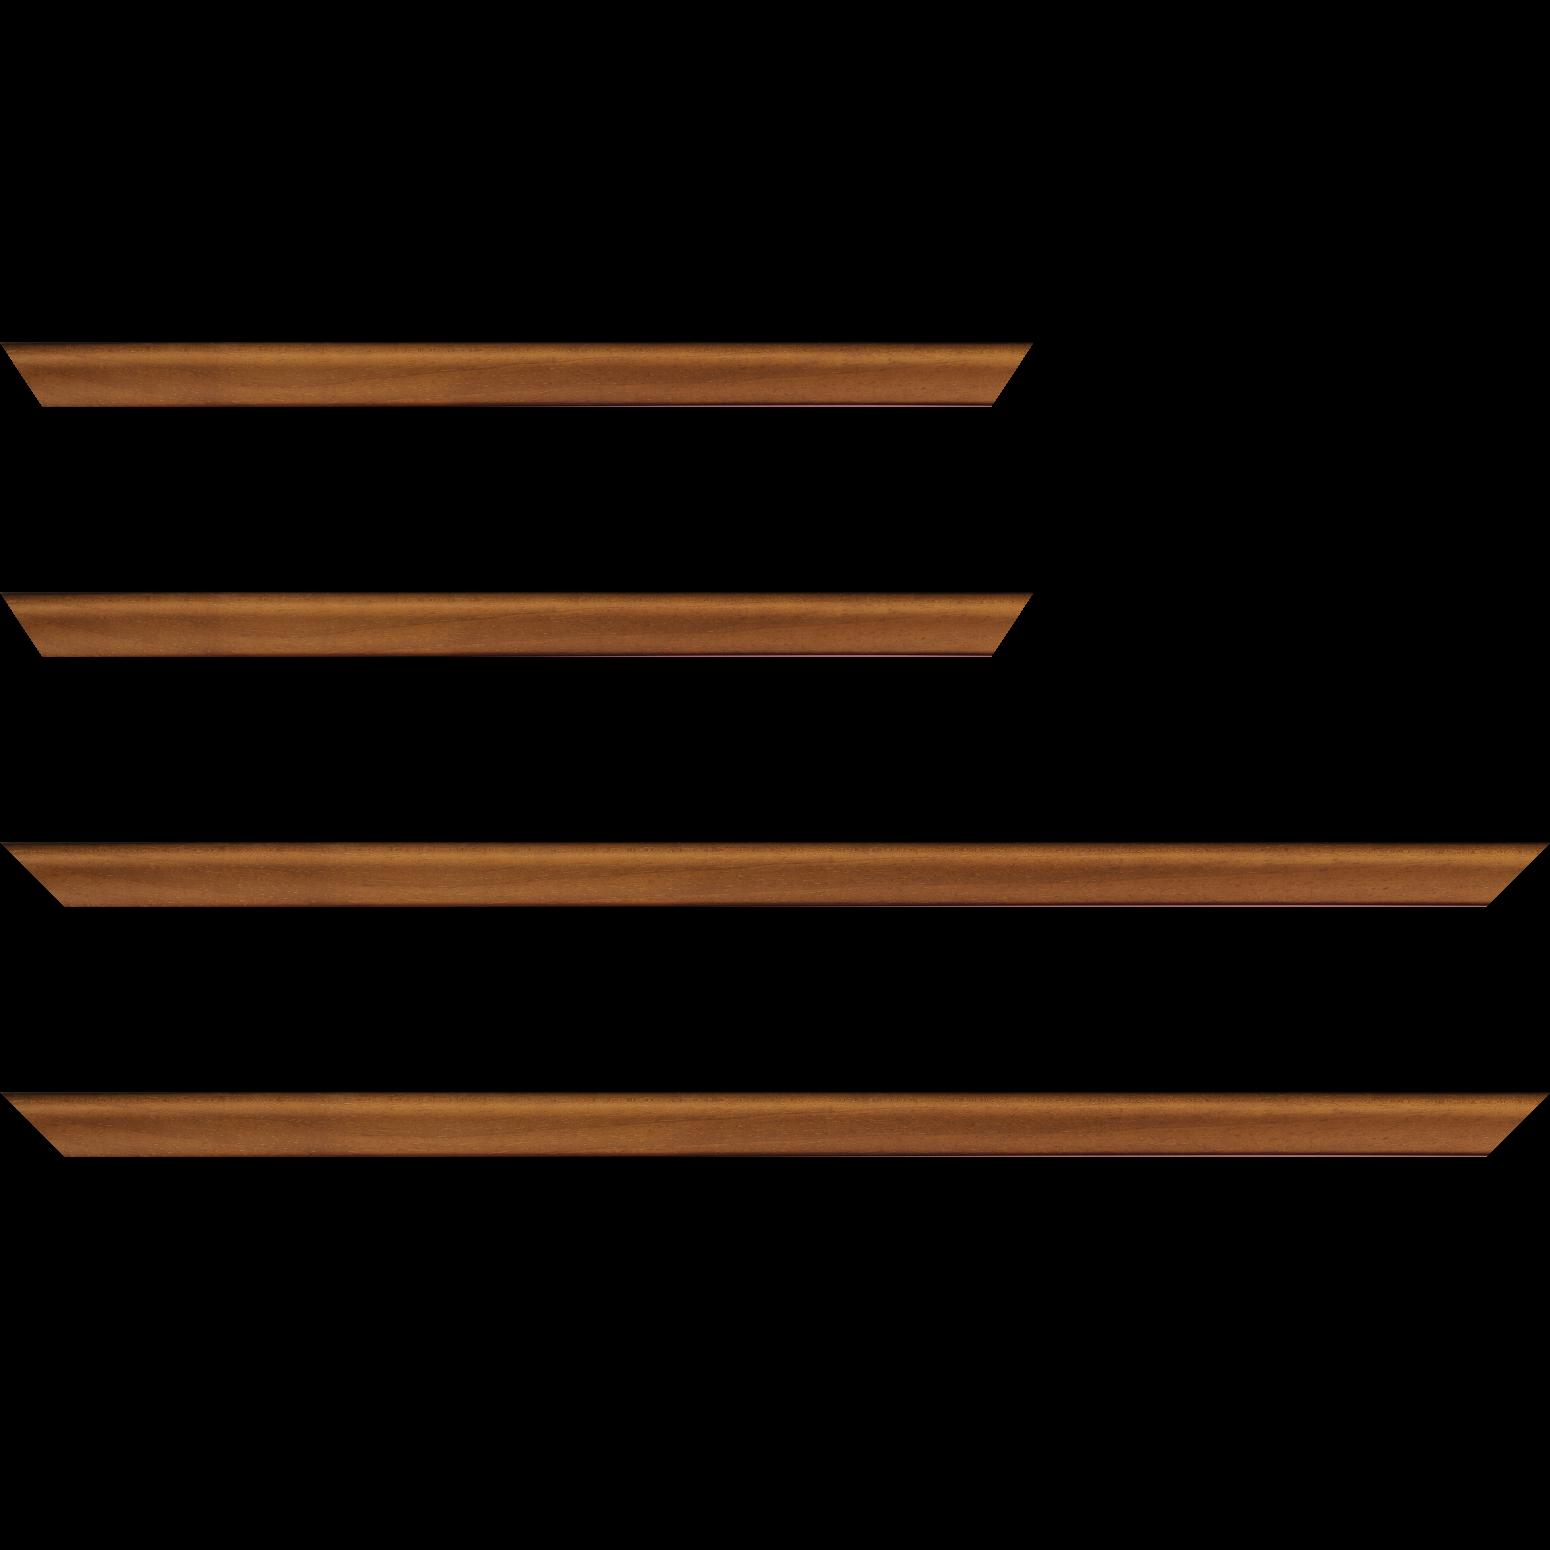 Baguette service précoupé Bois profil incuvé largeur 2.1cm couleur marron clair satiné